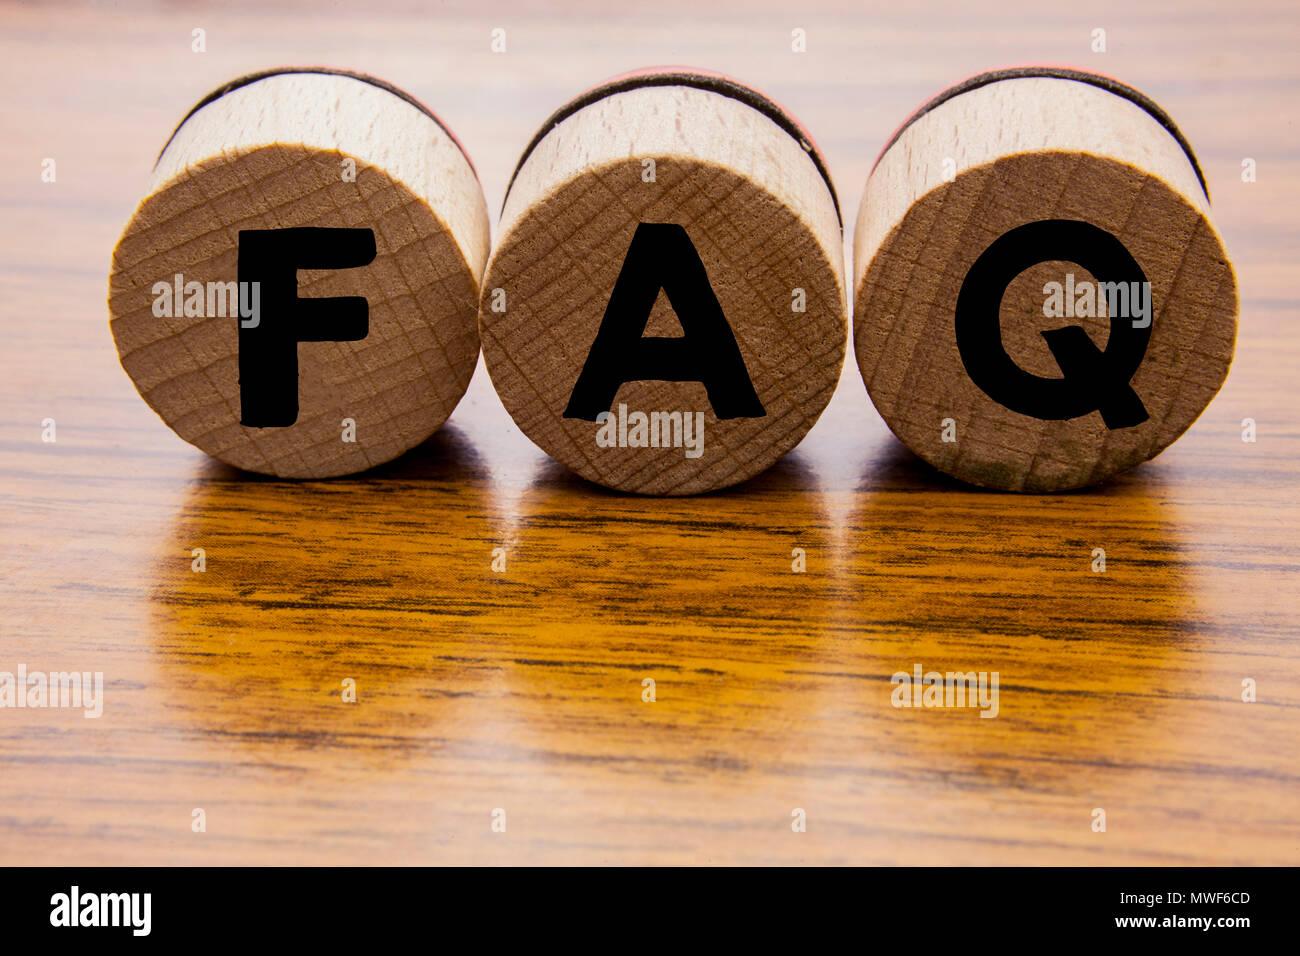 Competence center ecco le domande frequenti faq u open s r l